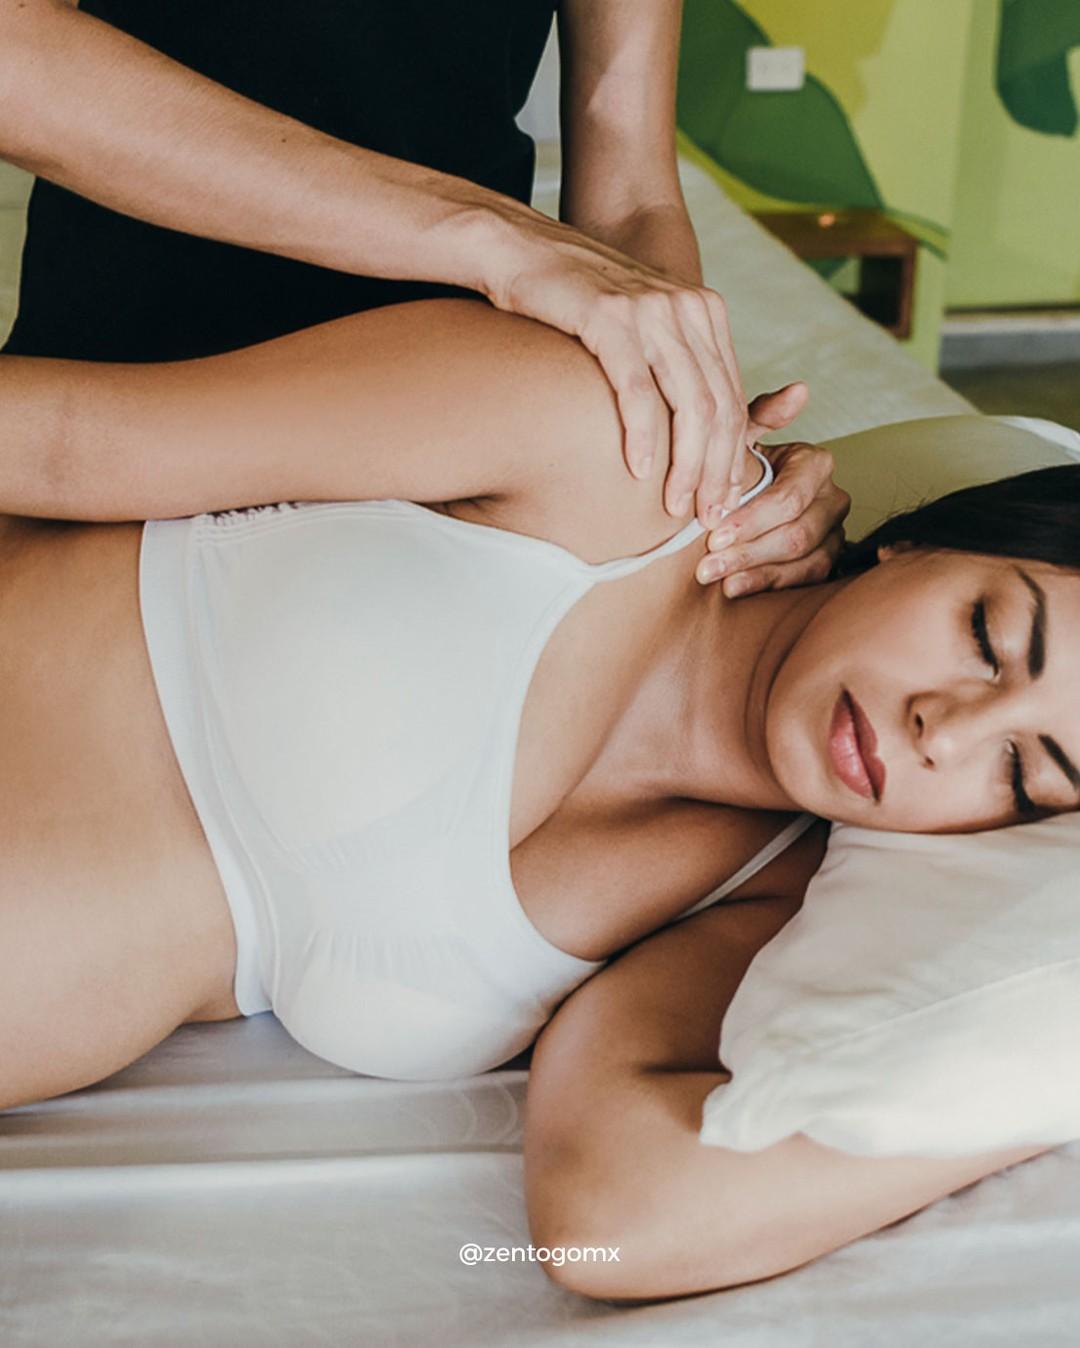 Esperar al segundo trimestre del embarazo para recibir los primeros masajes, es una medida de prevención para evitar los ries